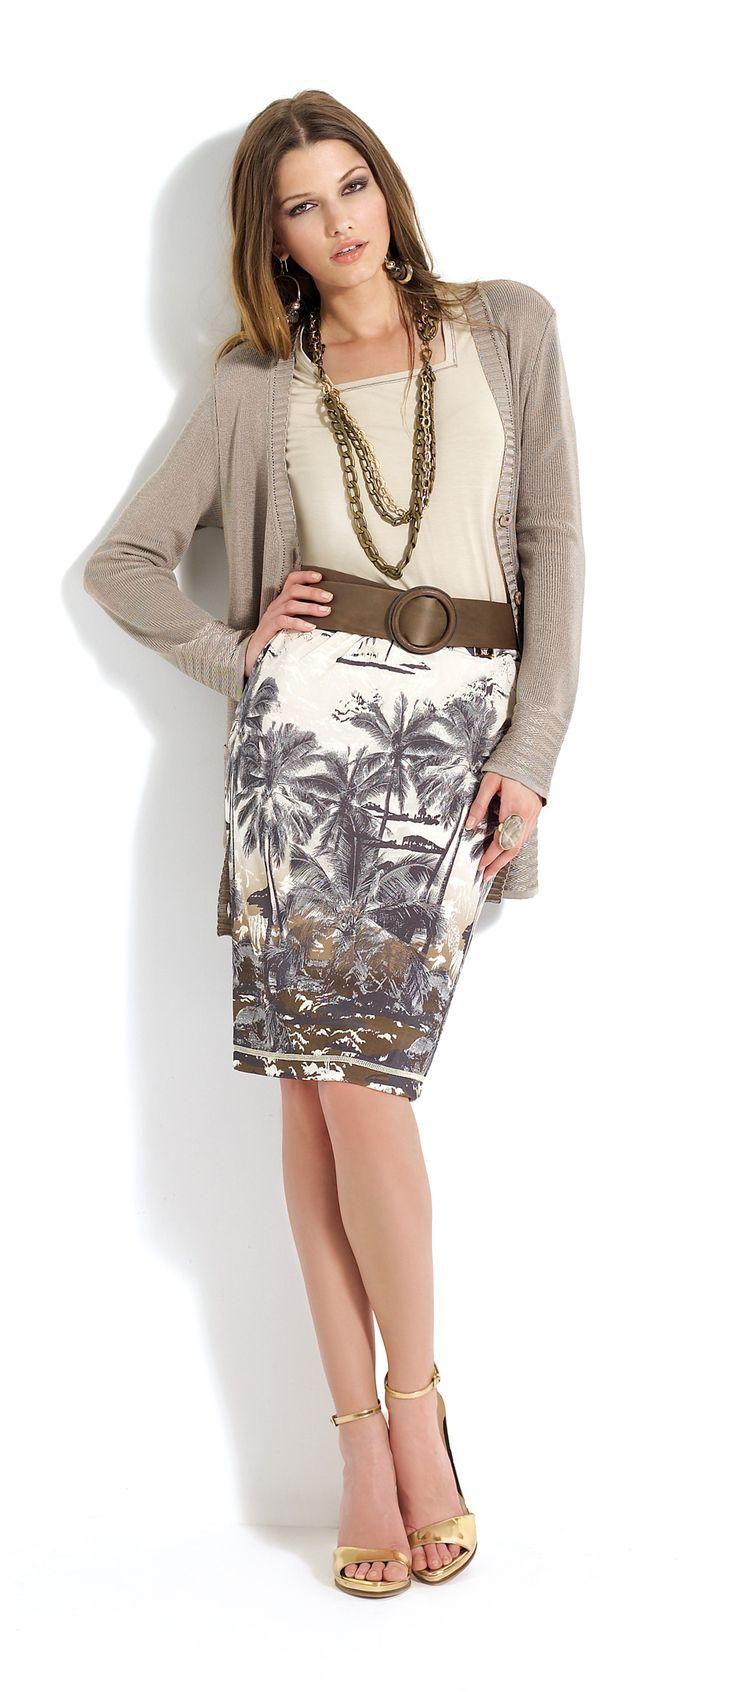 Falda con estampado de palmeras. Jersey beige y rebeca marrón claro. #skirt #pattern #brown #cardigan